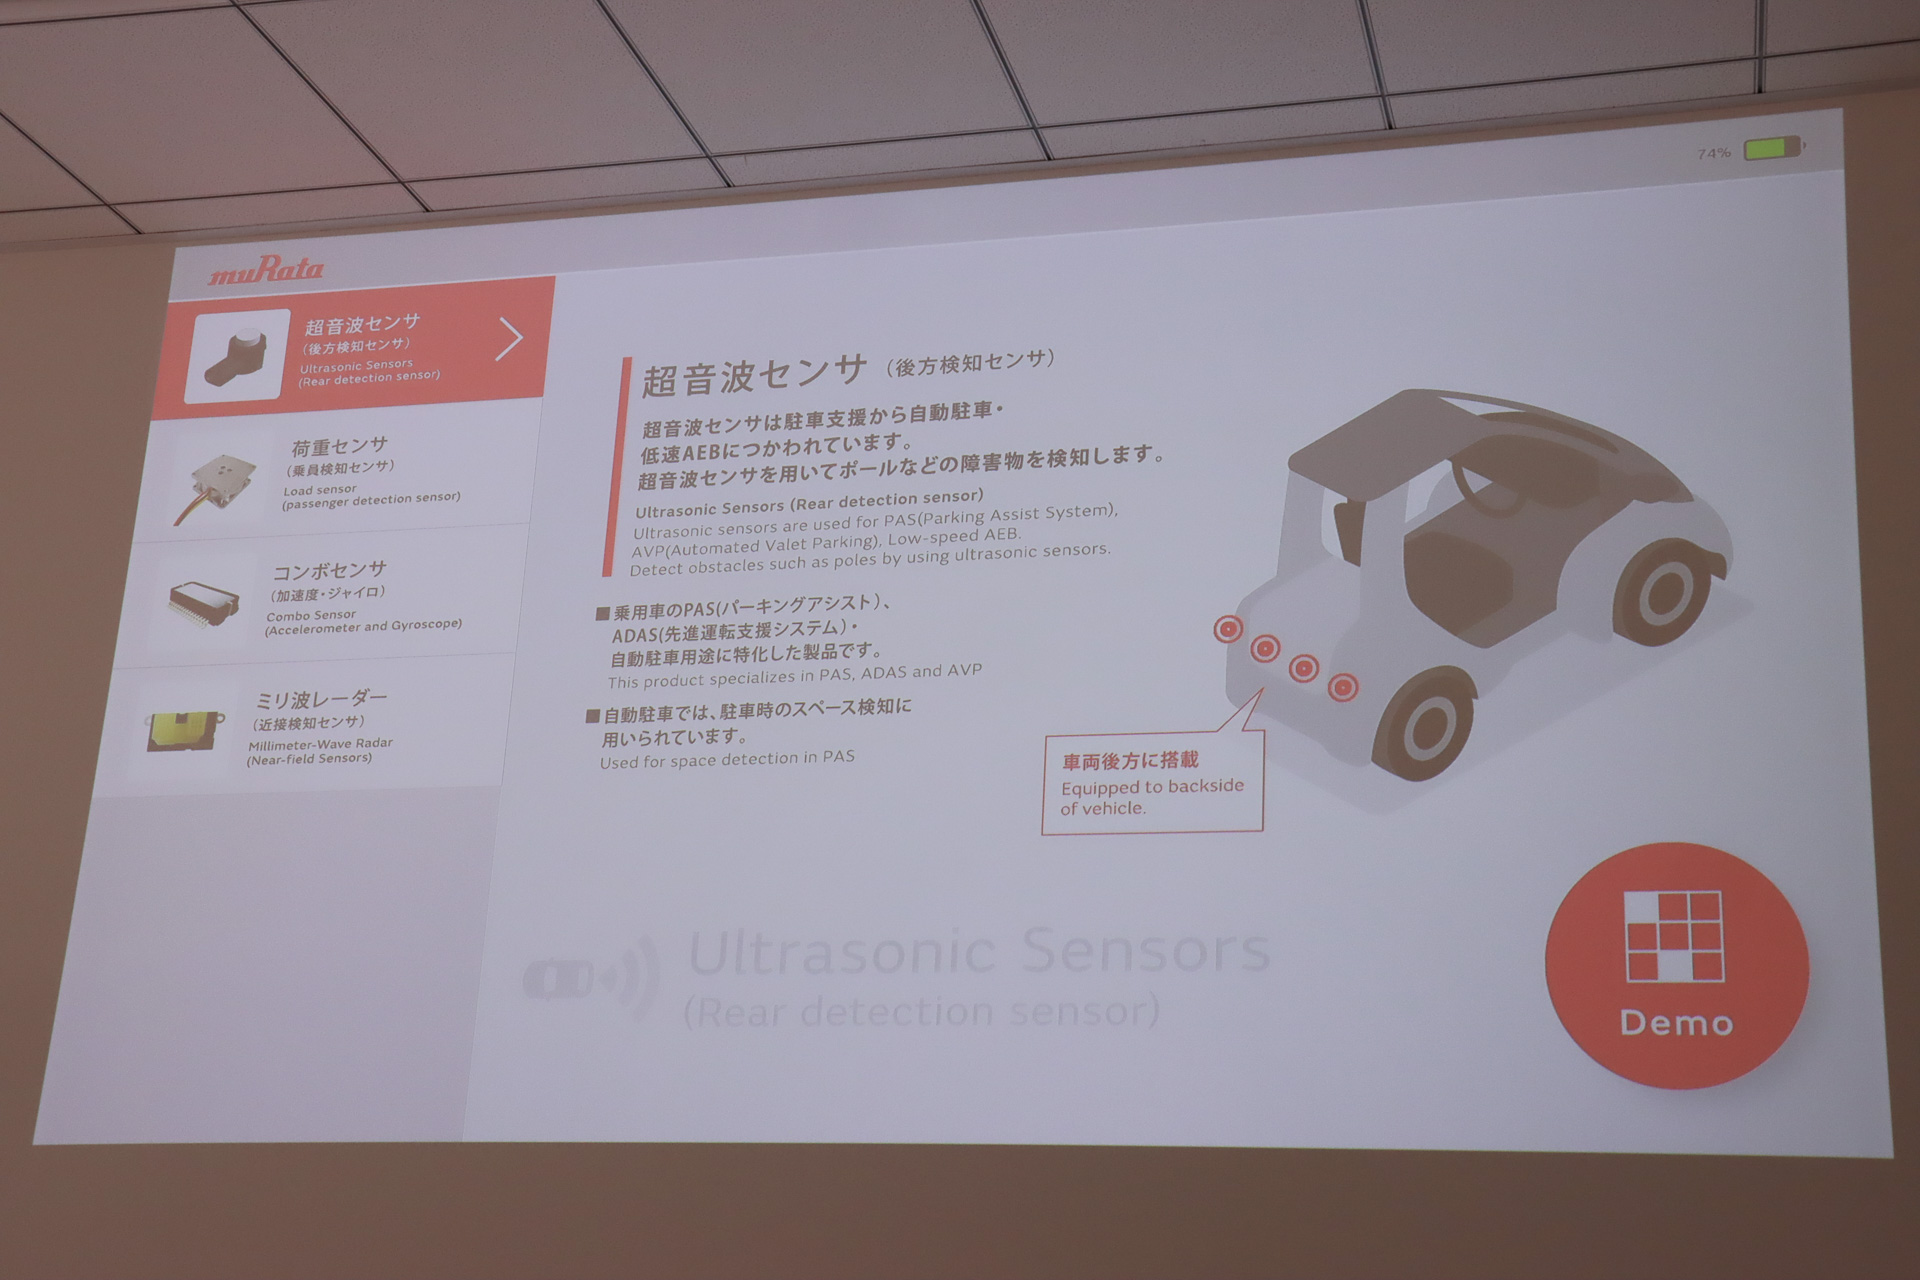 デモ車両には「超音波センサー」「荷重センサー」「コンボセンサー」「ミリ波レーダー」の4種類を設置